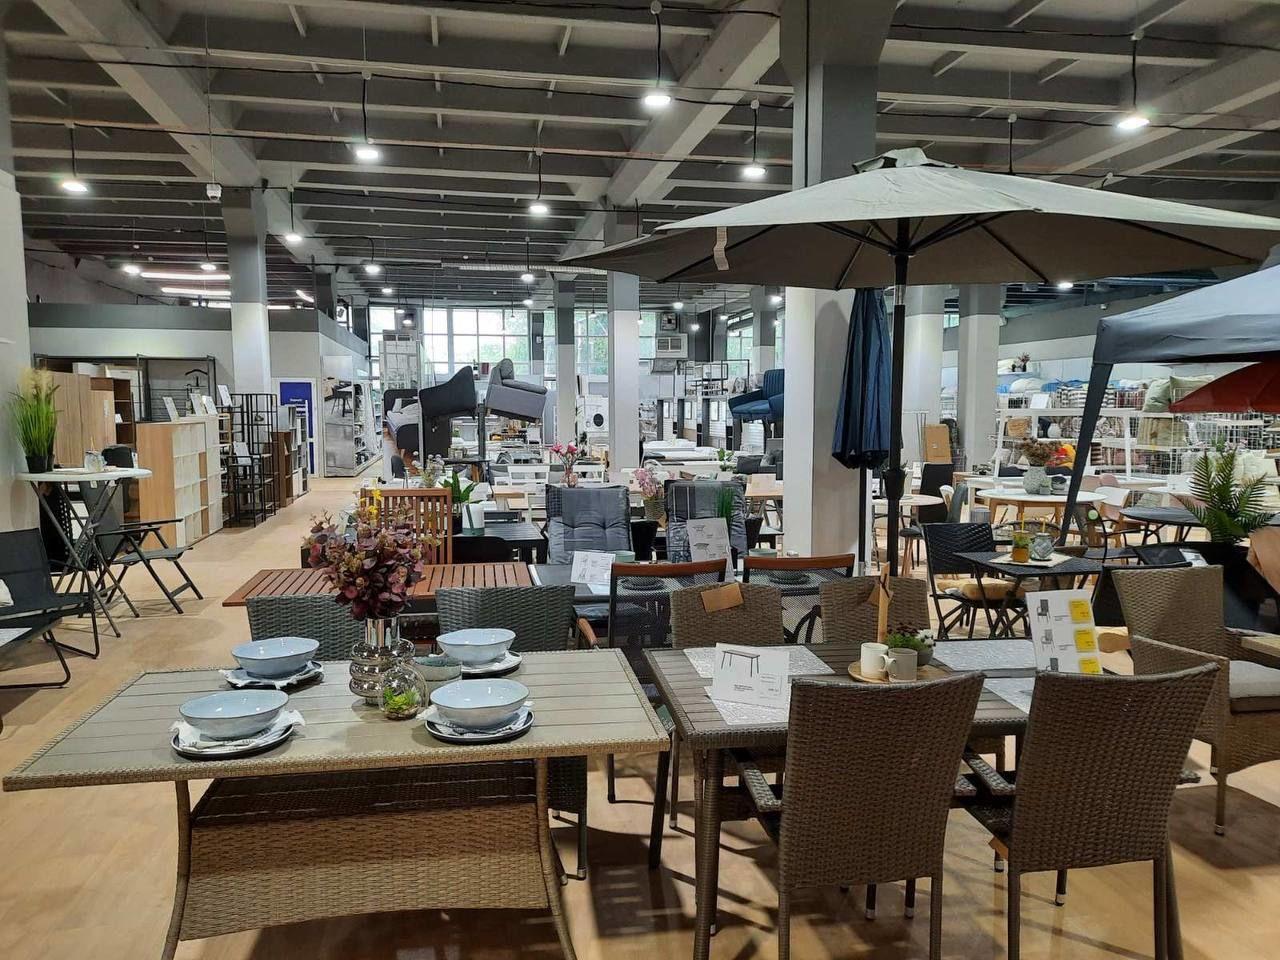 JYSK: Reduceri de -70% la deschiderea noului magazin din Soroca Ⓟ